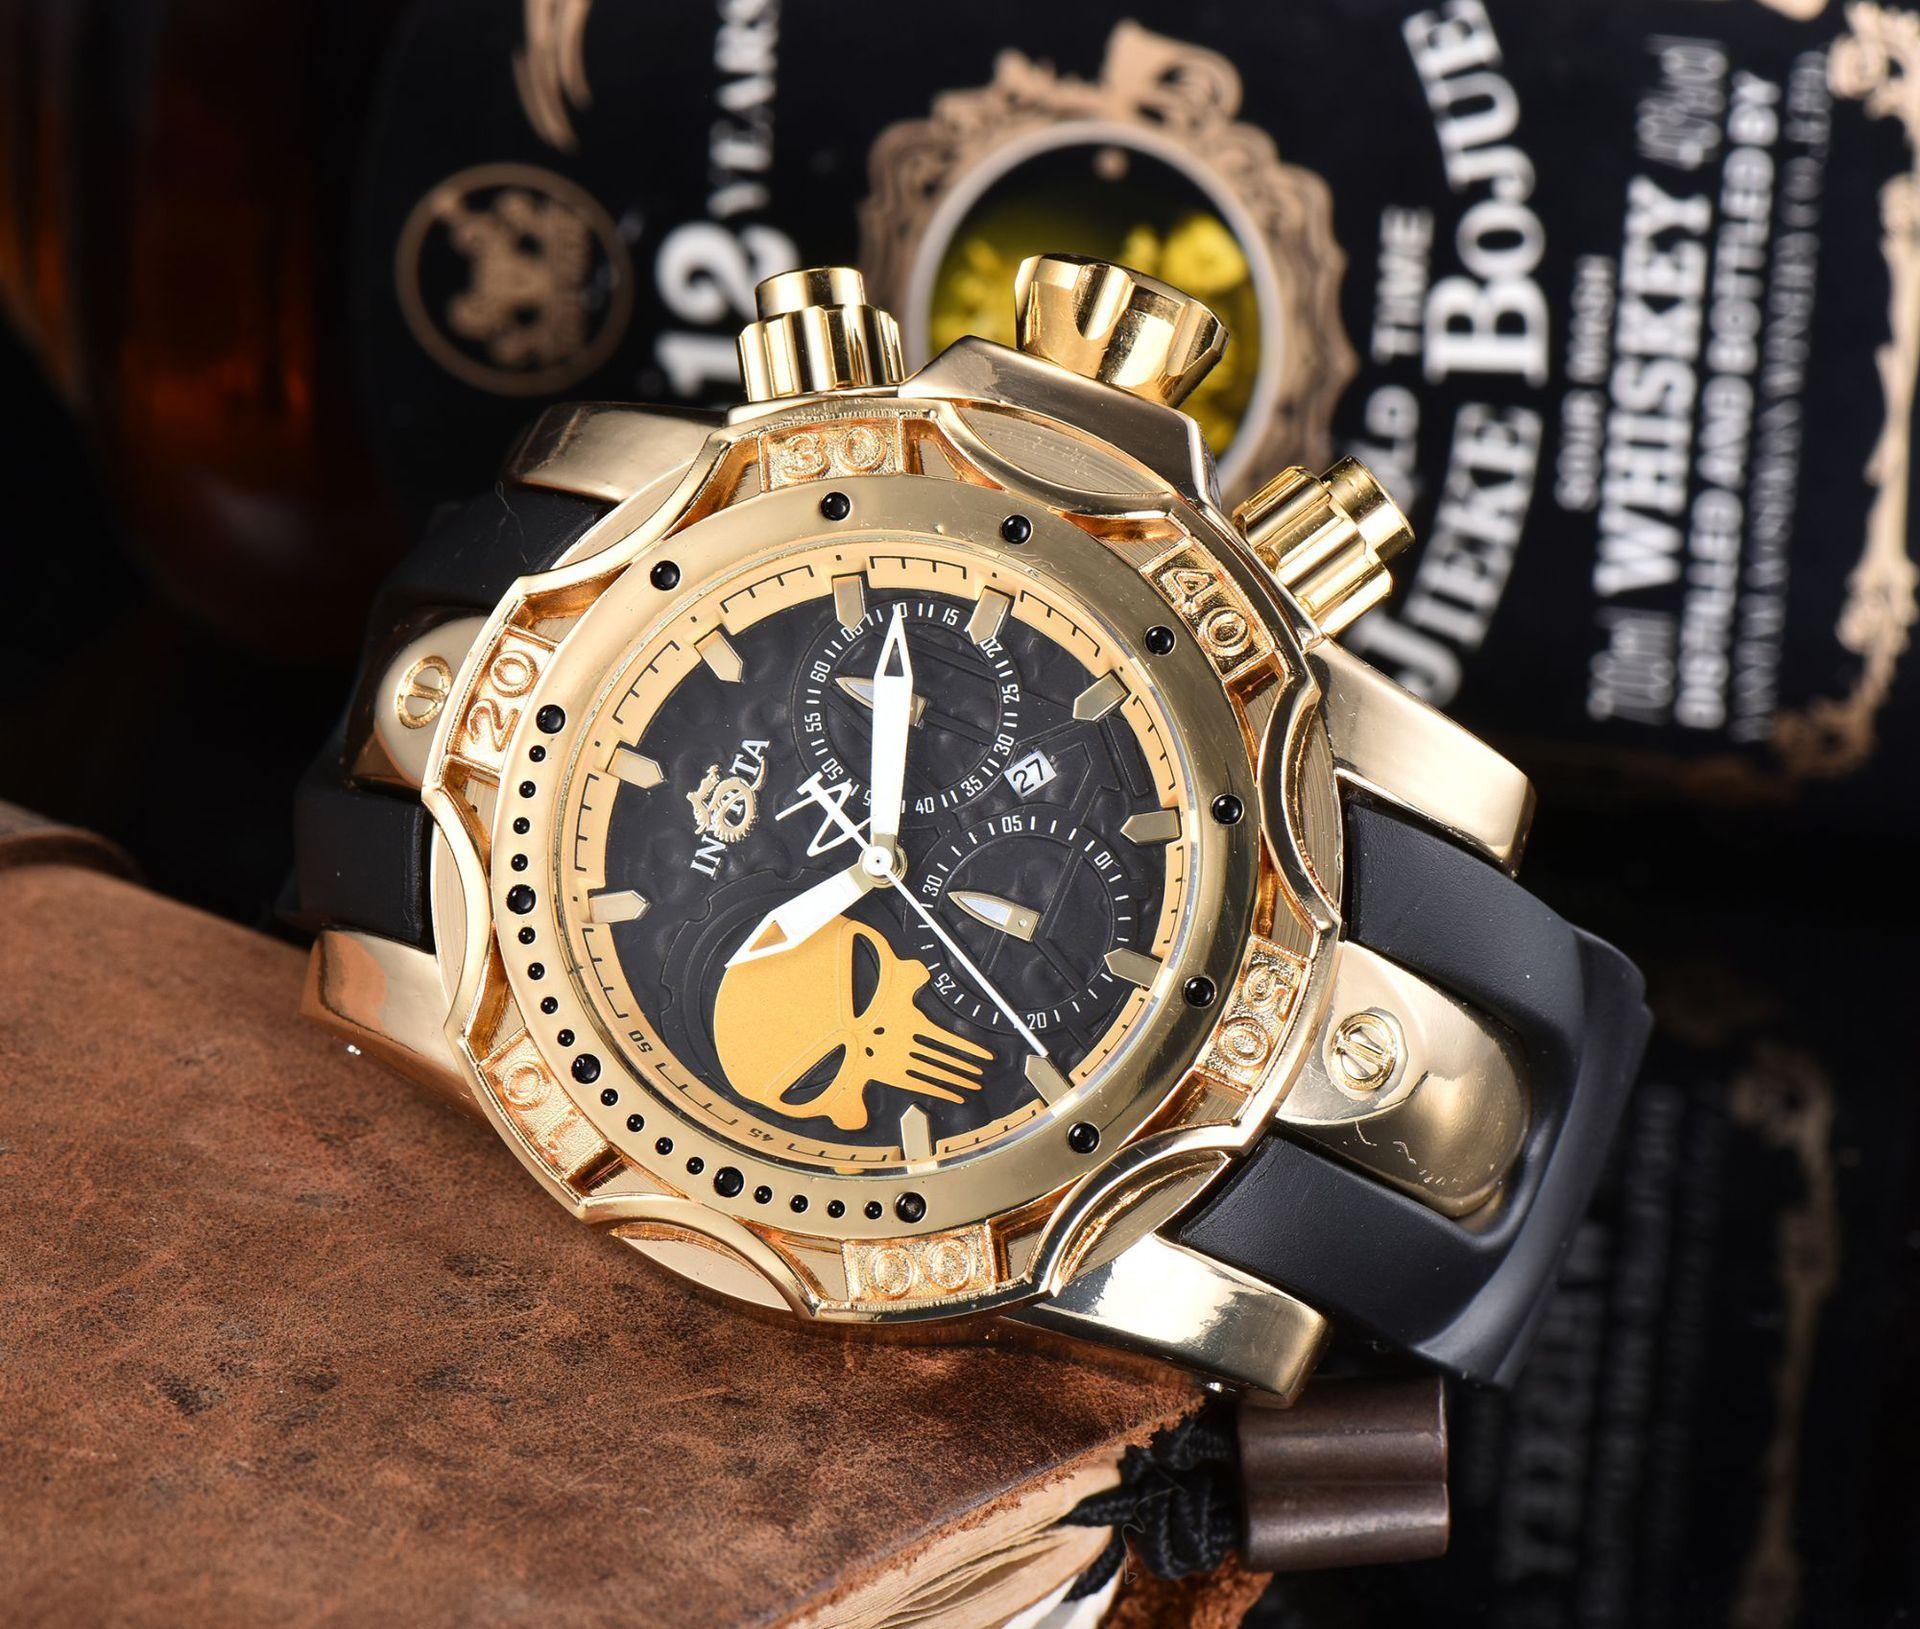 حار بيع invicta العلامة التجارية الفاخرة الرجال الكوارتز ساعة فريدة تصميم متعدد الوظائف عارضة الأزياء والساعات relógio masculino